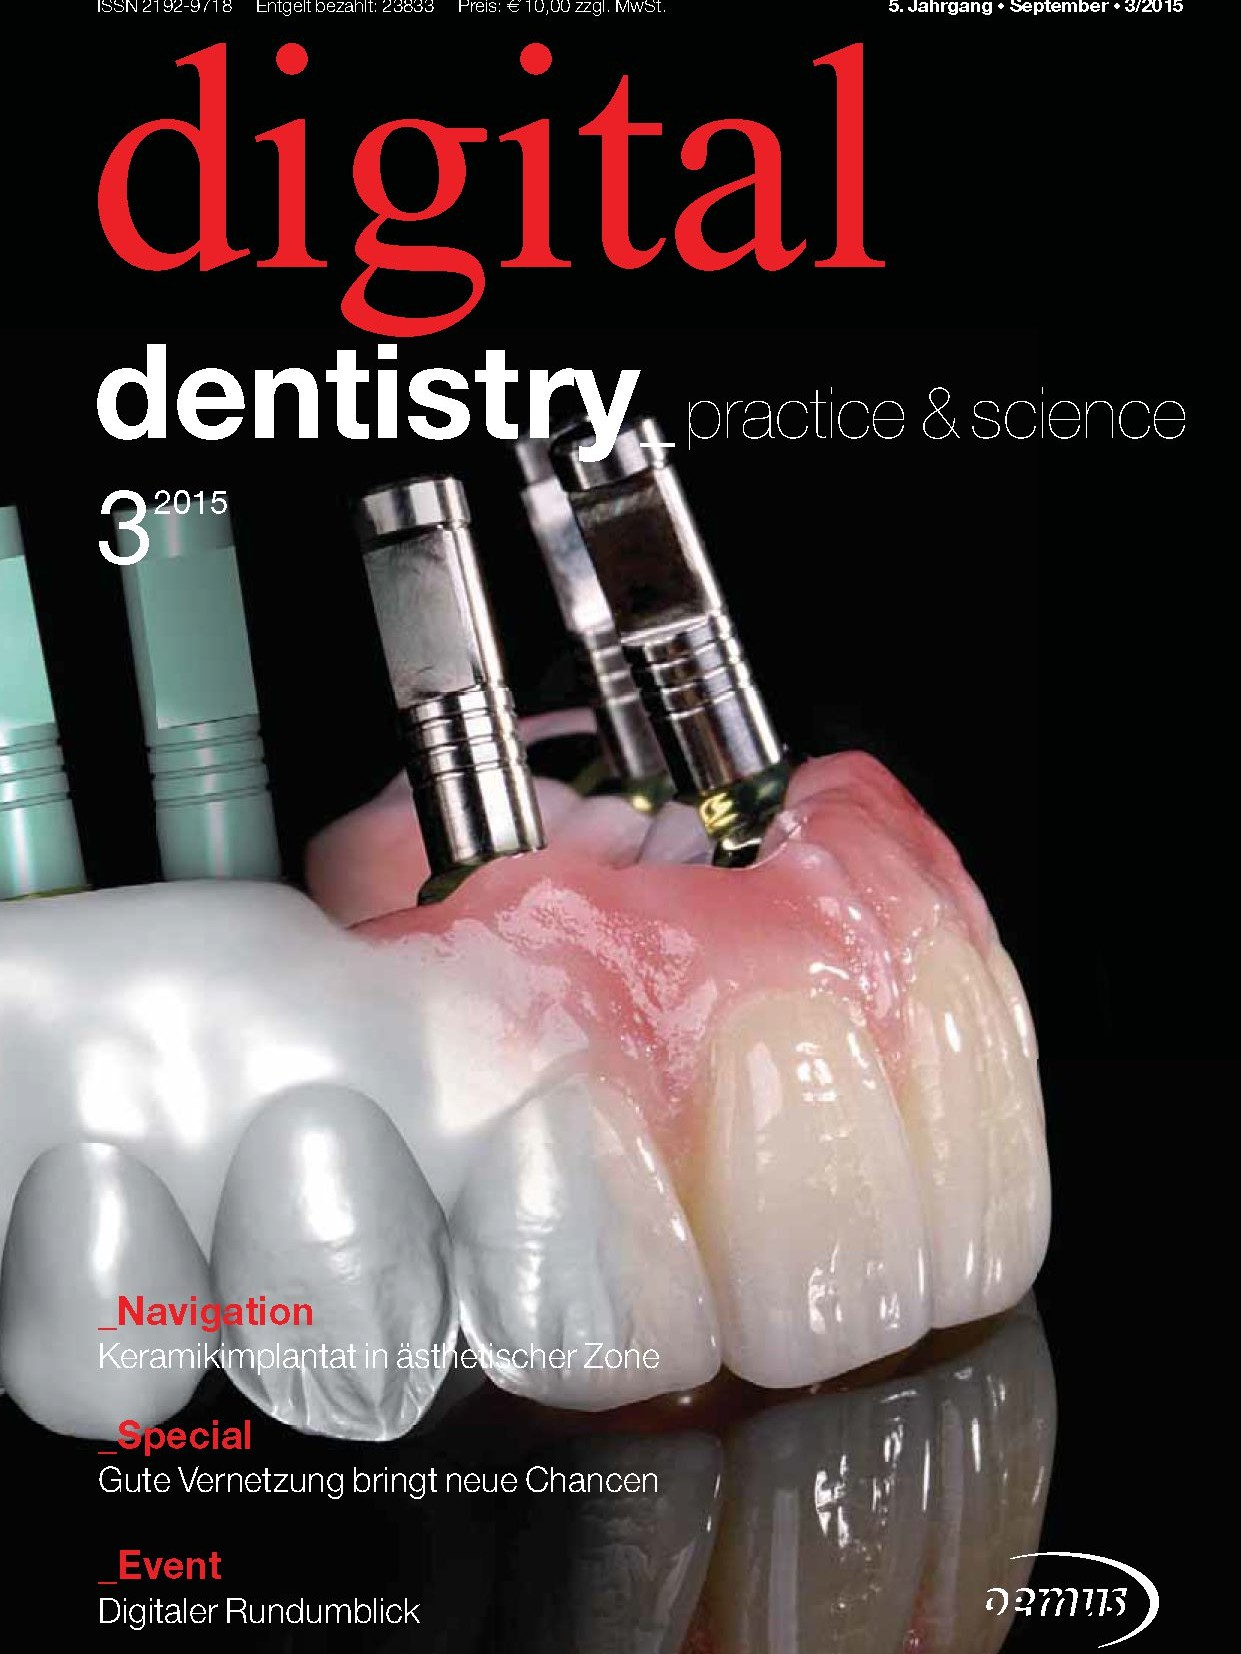 Deckblatt digital dentistry 03_2015 Deckblatt